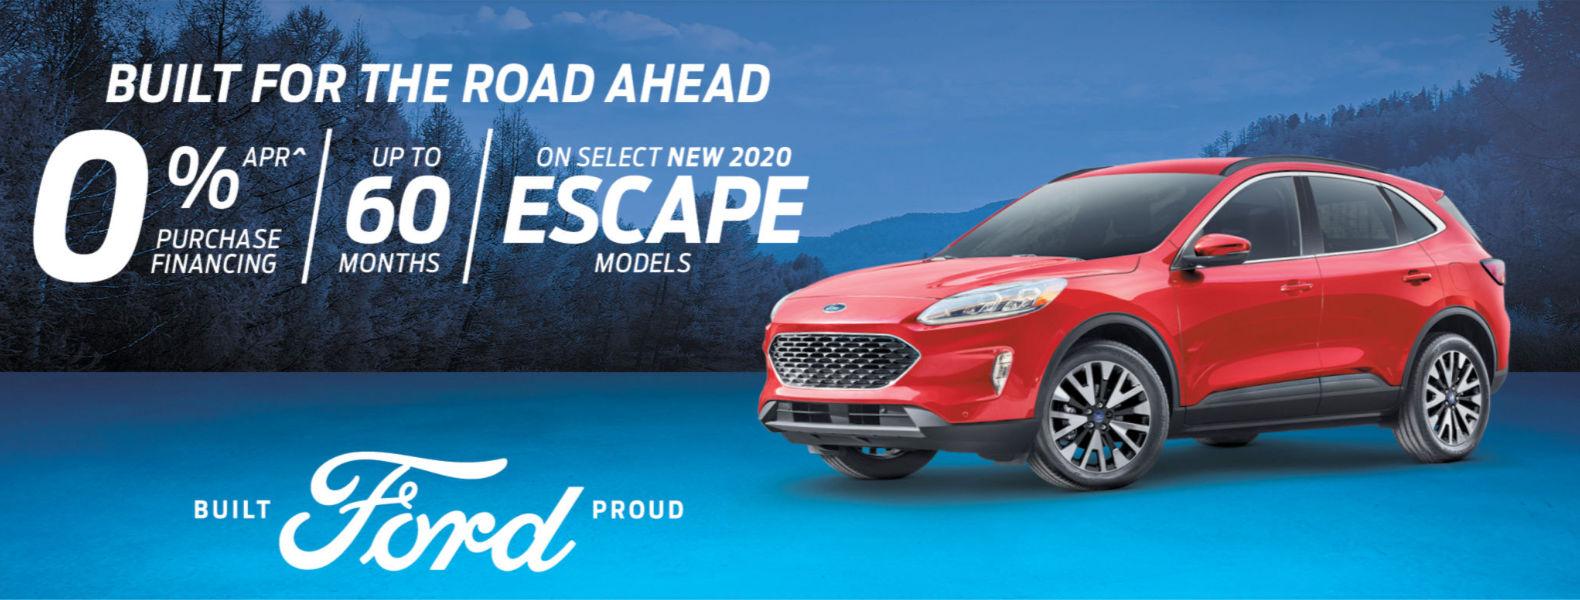 Ford escape deals